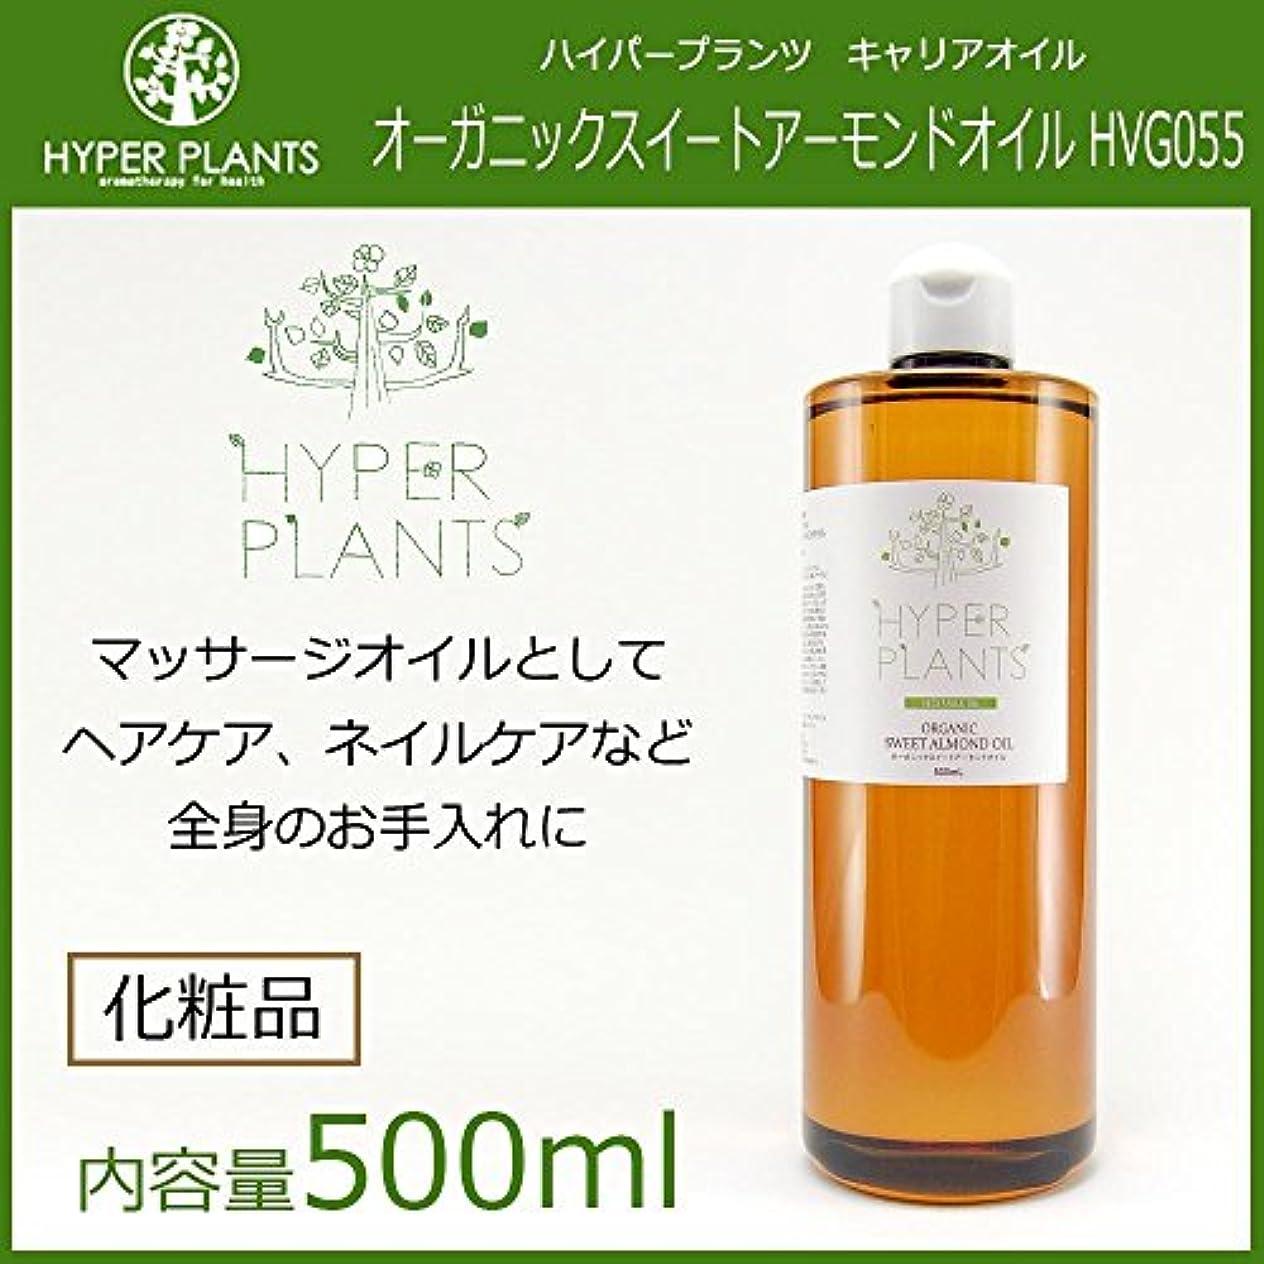 に慣れ靄ブームHYPER PLANTS ハイパープランツ キャリアオイル オーガニックスイートアーモンドオイル 500ml HVG055